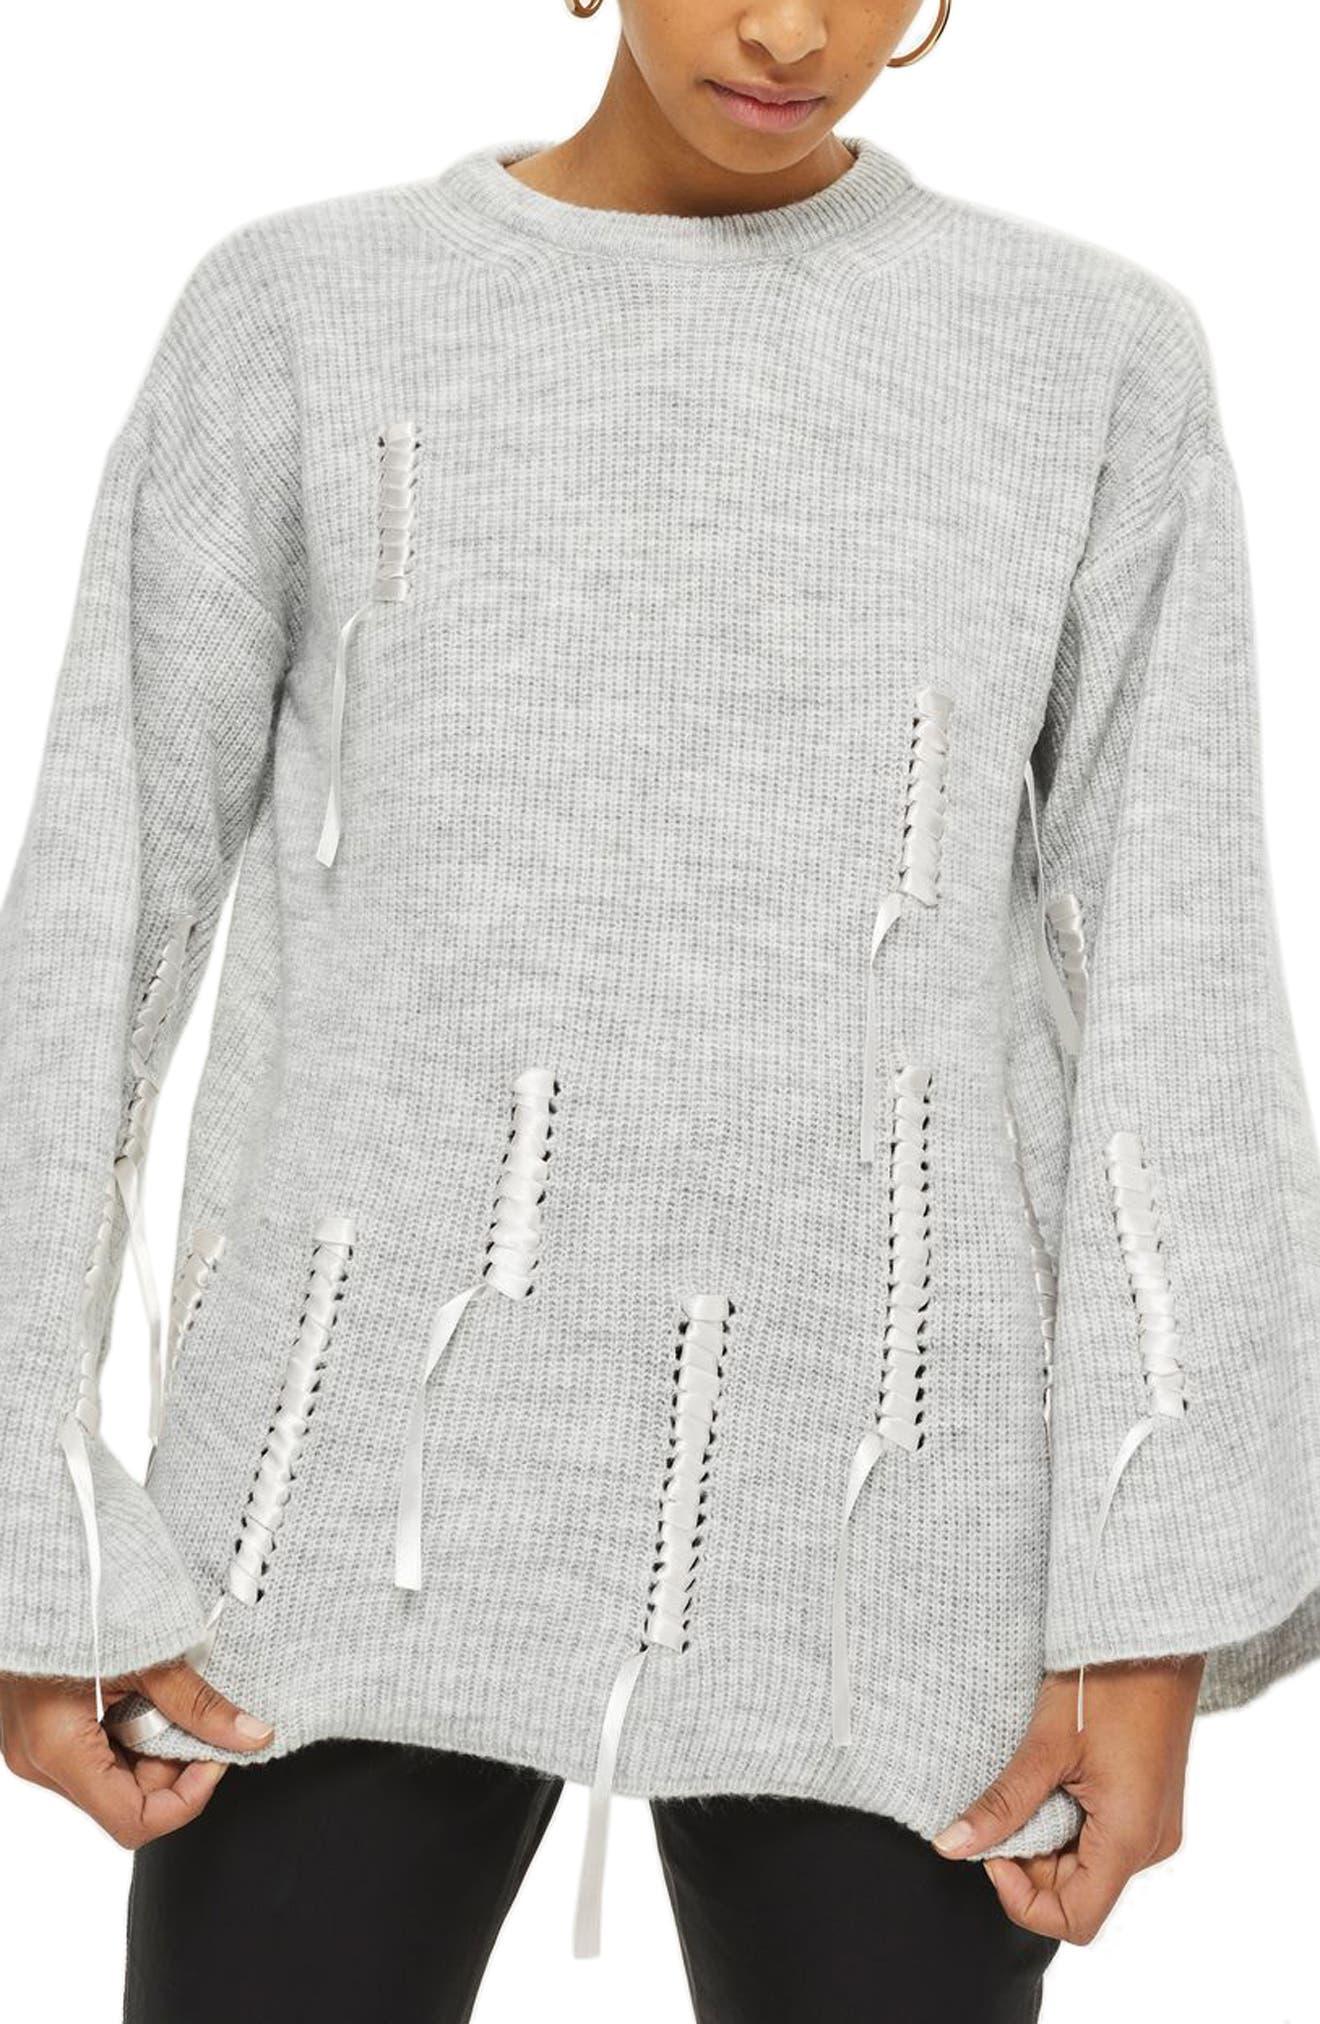 Ribbon Detail Sweater,                             Main thumbnail 1, color,                             Grey Marl